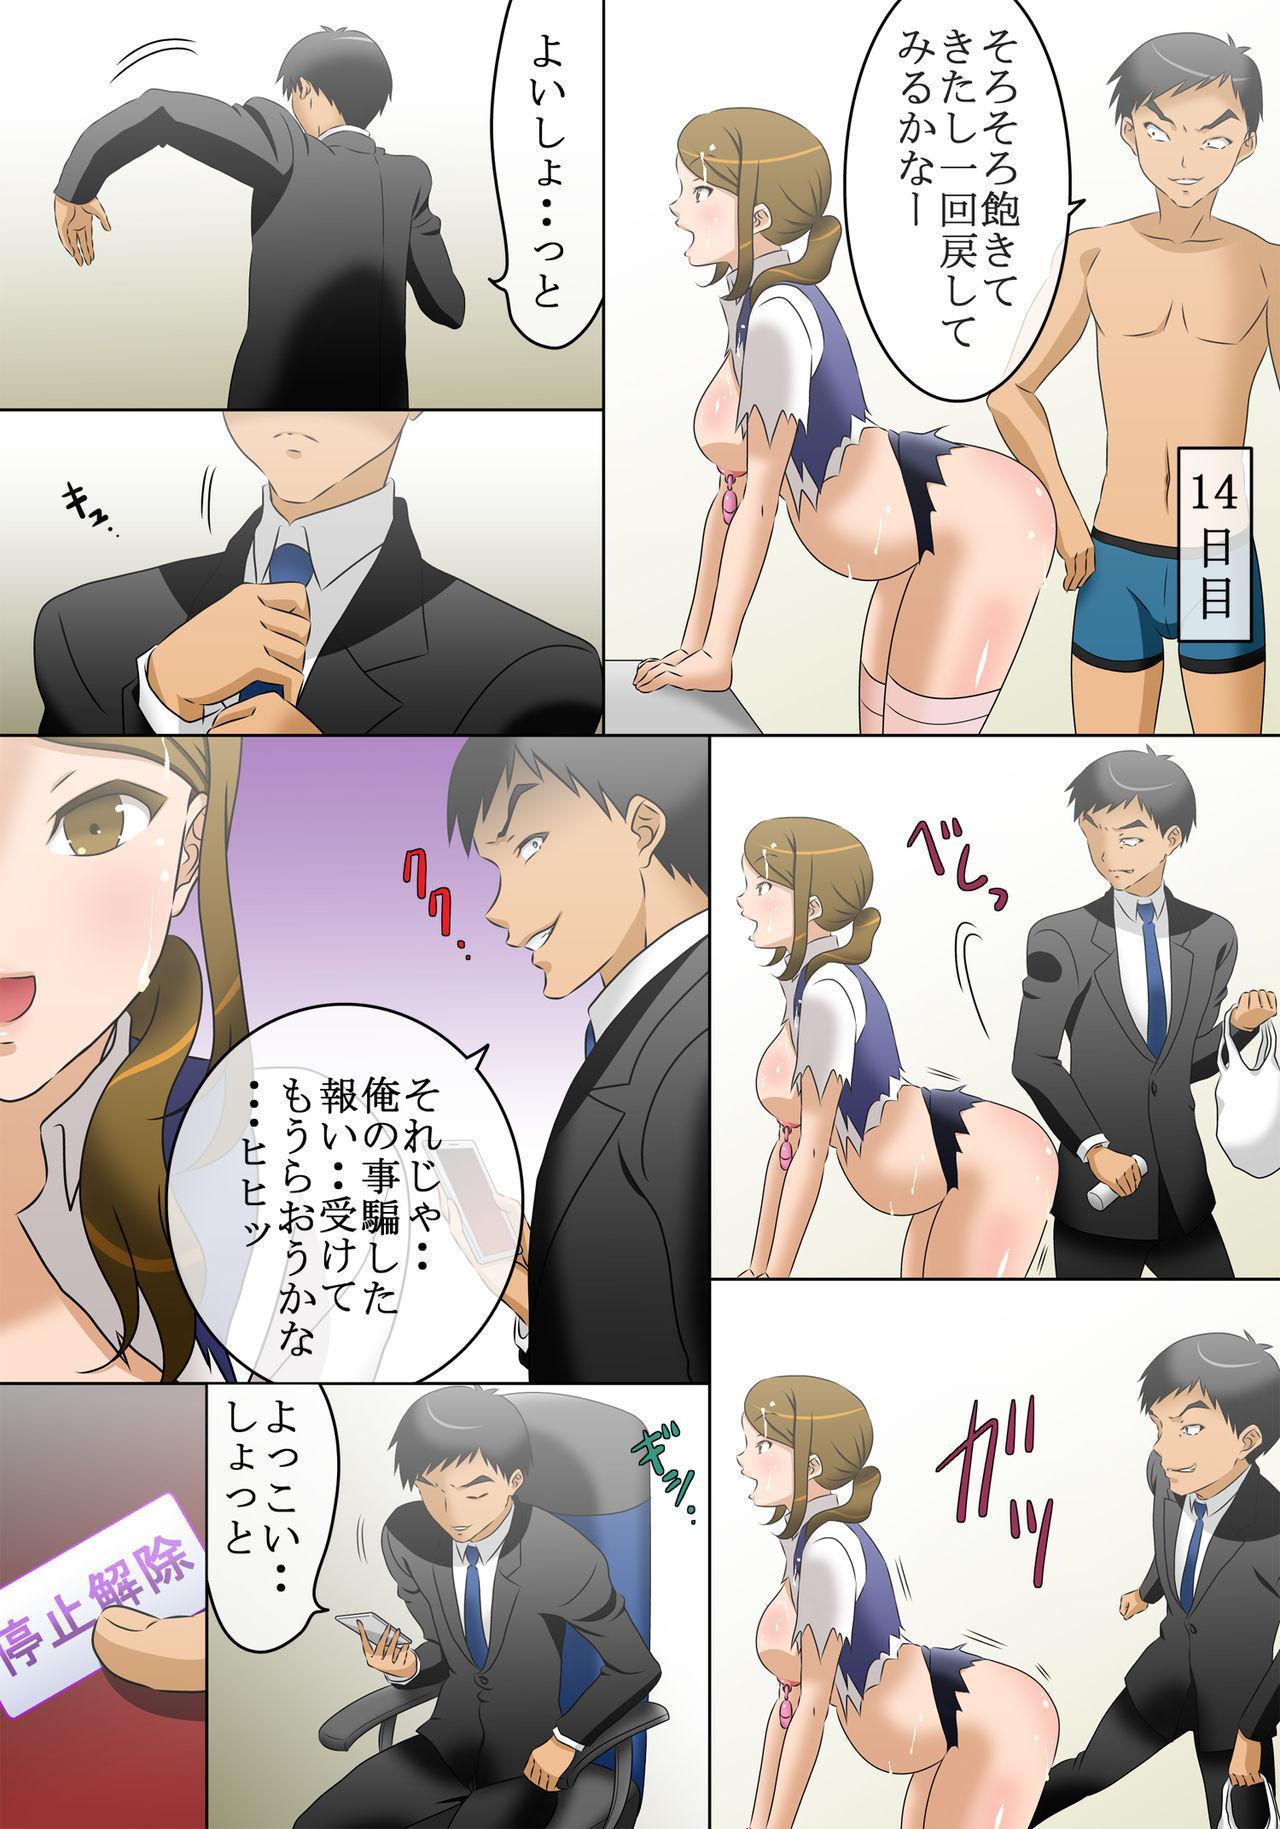 jikan teishi wo kaijo shitara 9